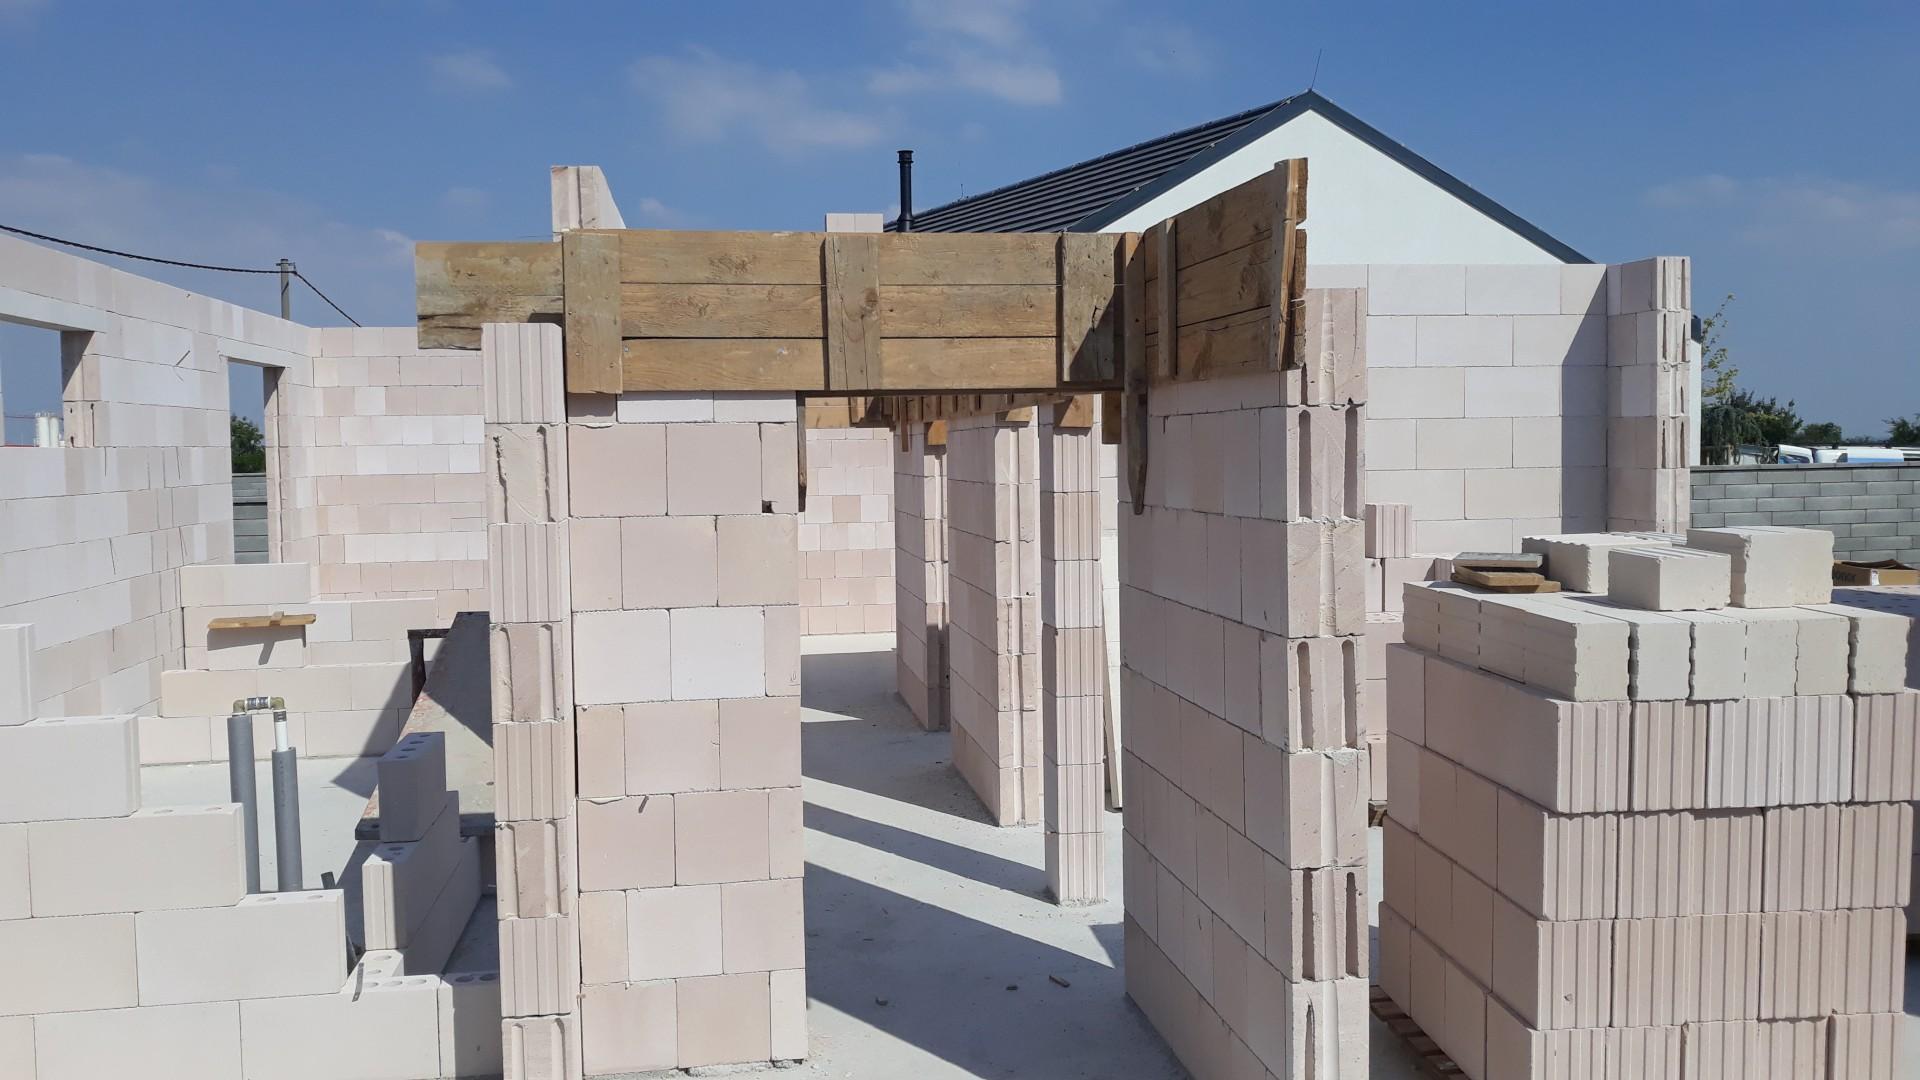 Vrchná stavba - VPC Kalksandstein murivo, zelená strecha - Práprava debnenia pre stužujúci veniec vo vnútornej chodbe.